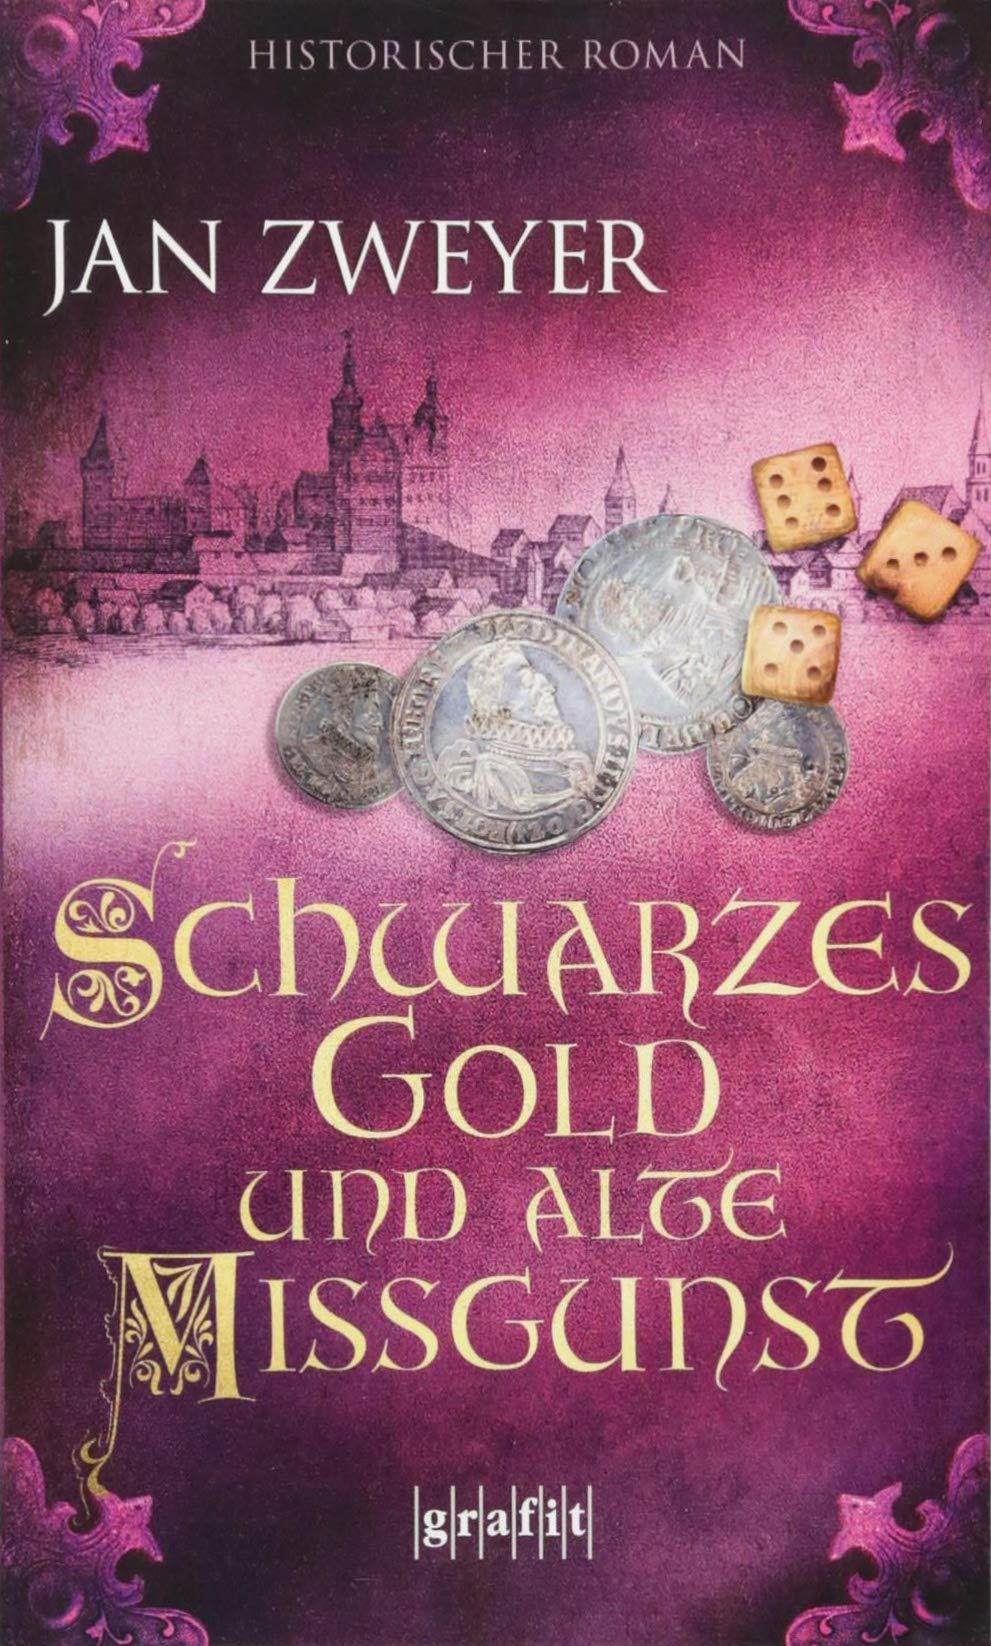 Schwarzes Gold und alte Missgunst Taschenbuch – 10. September 2018 Jan Zweyer Grafit 3894256249 1620 bis 1629 n. Chr.